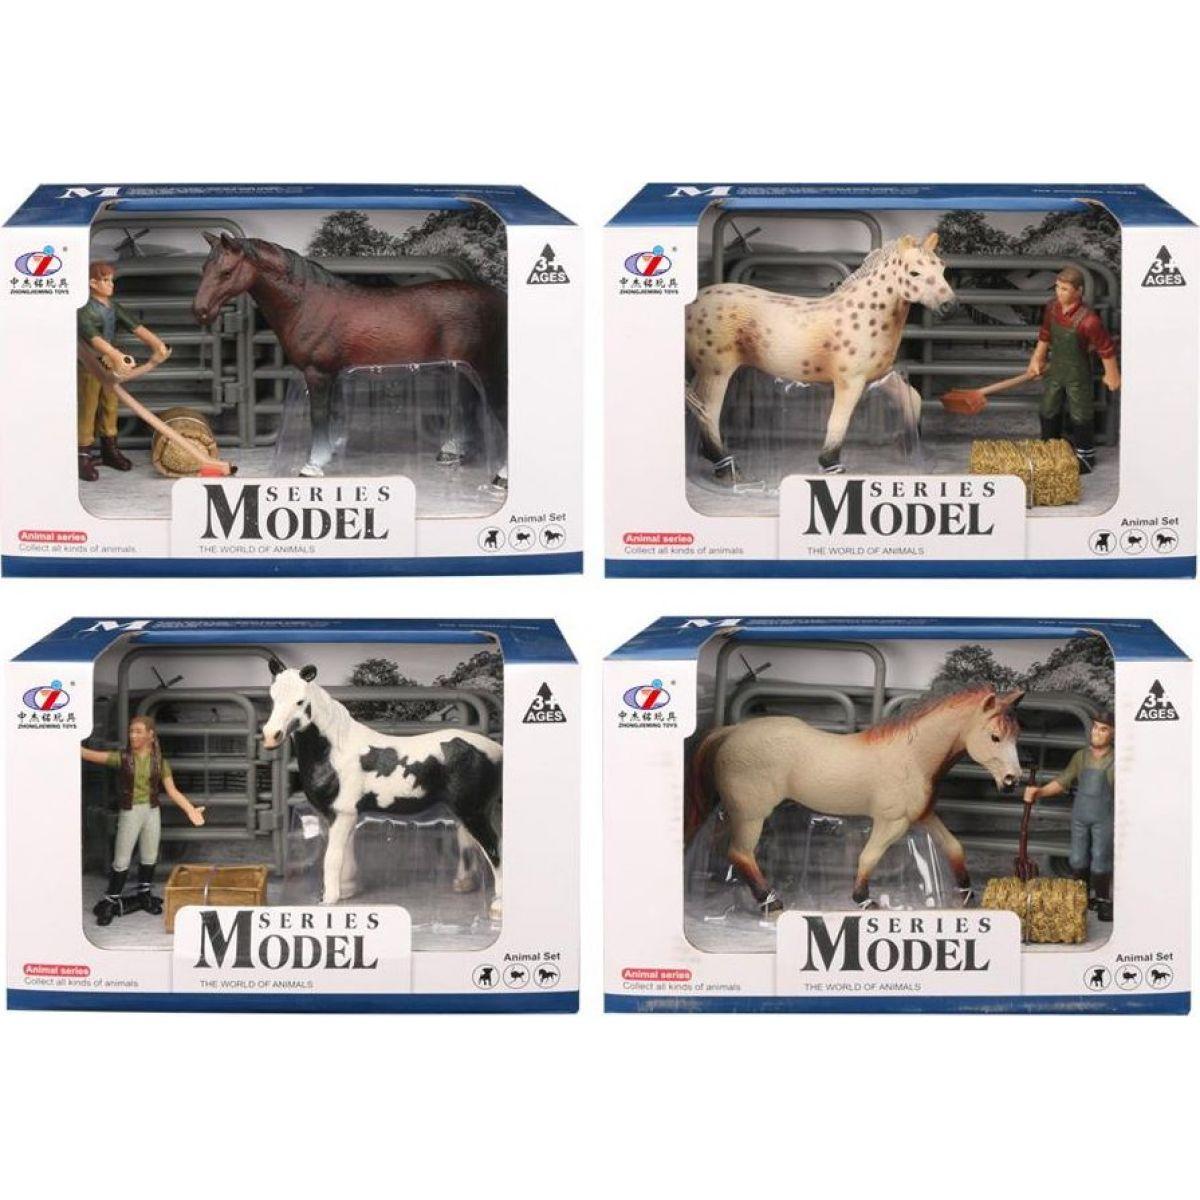 EP Line Series Model Svět zvířat Sada 1 Kůň s figurkou černo-bílý kůň - flekatý kůň